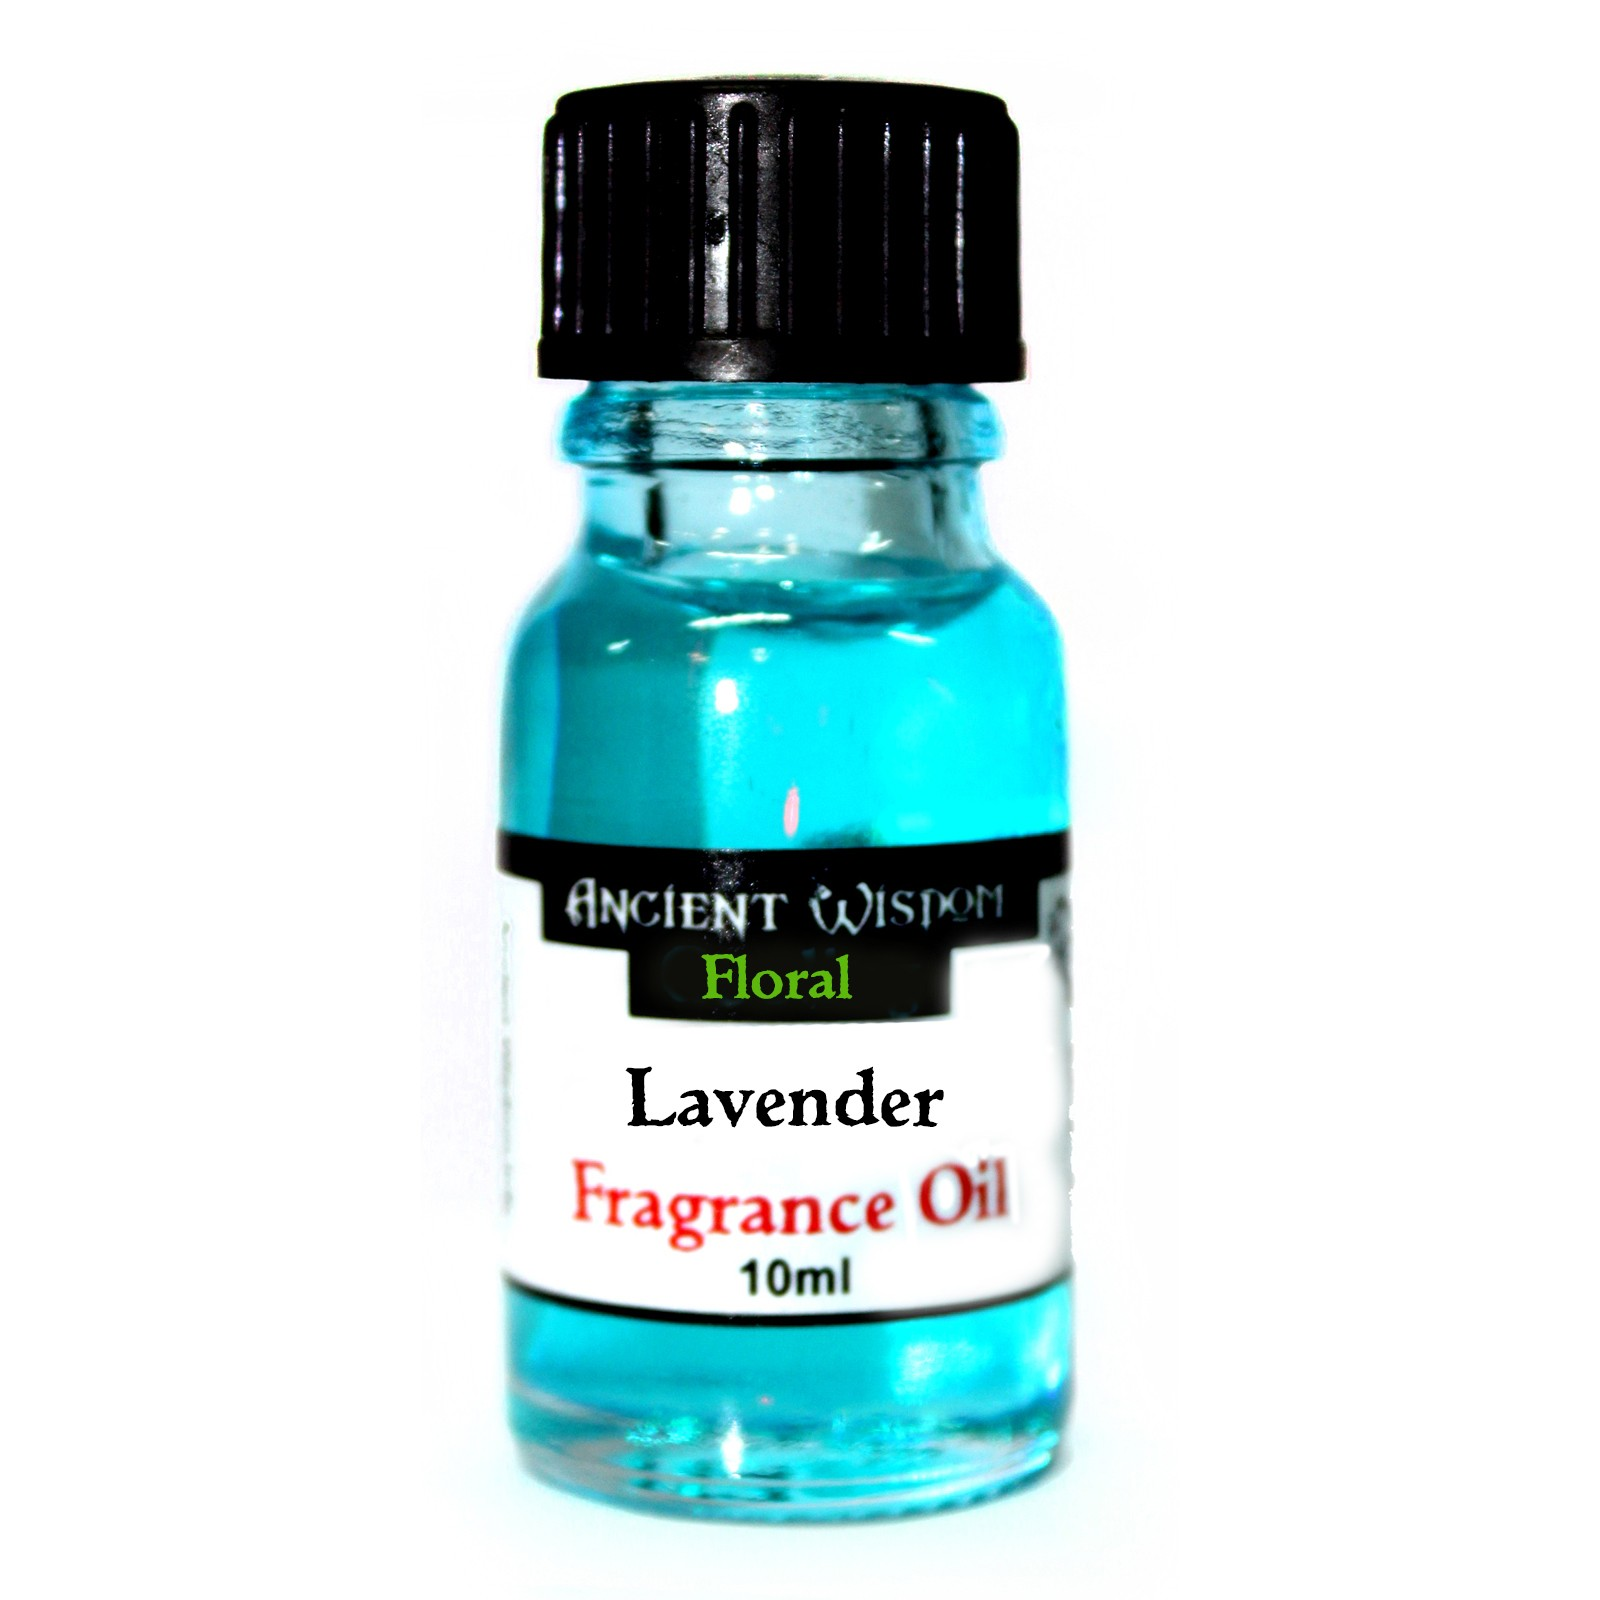 10ml Lavender Fragrance Oil